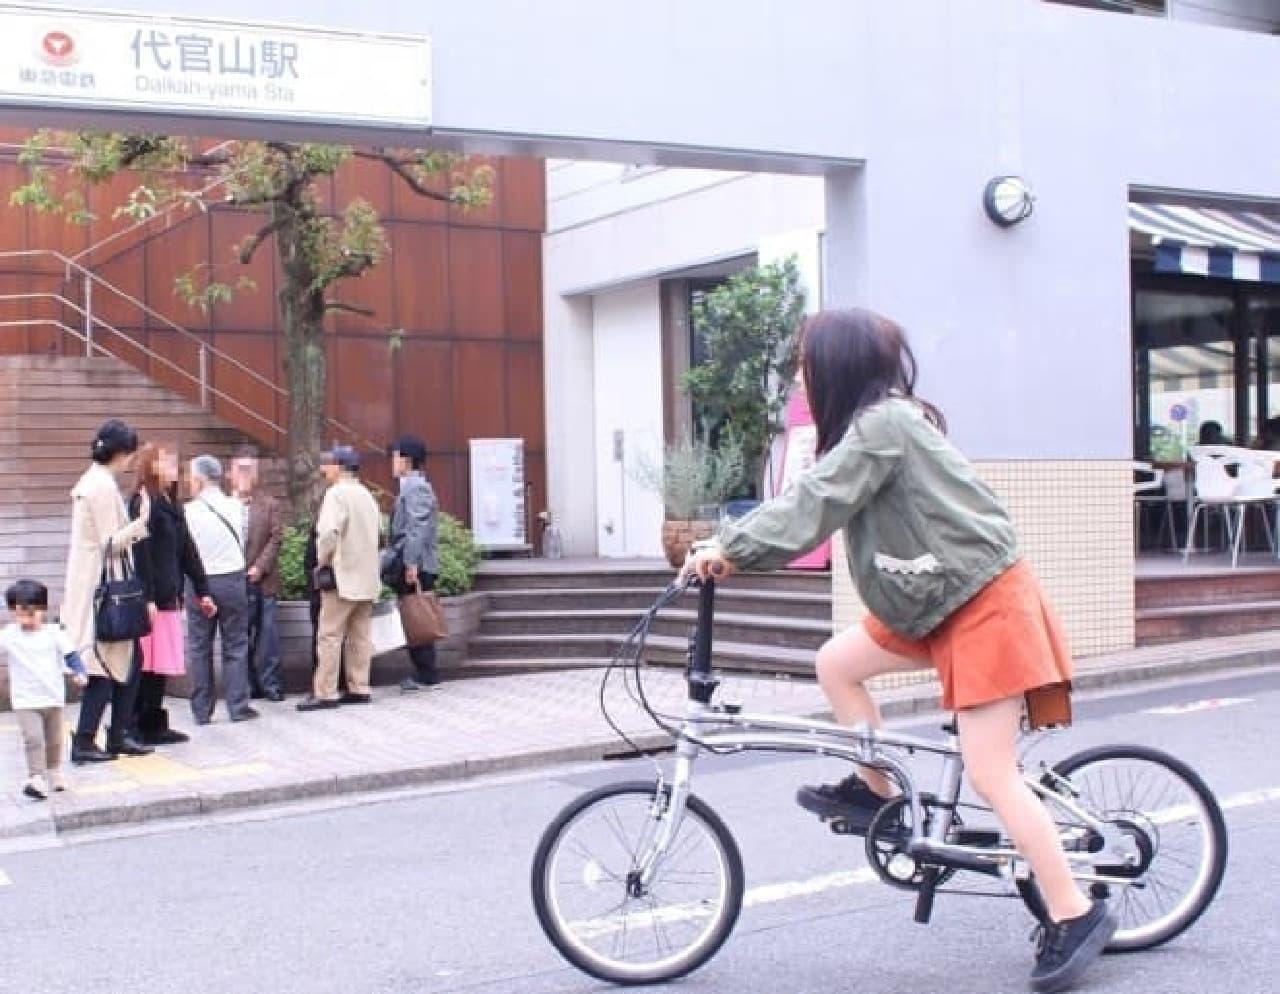 代官山駅到着!  さて、会社に戻ろう。仕事だ…。